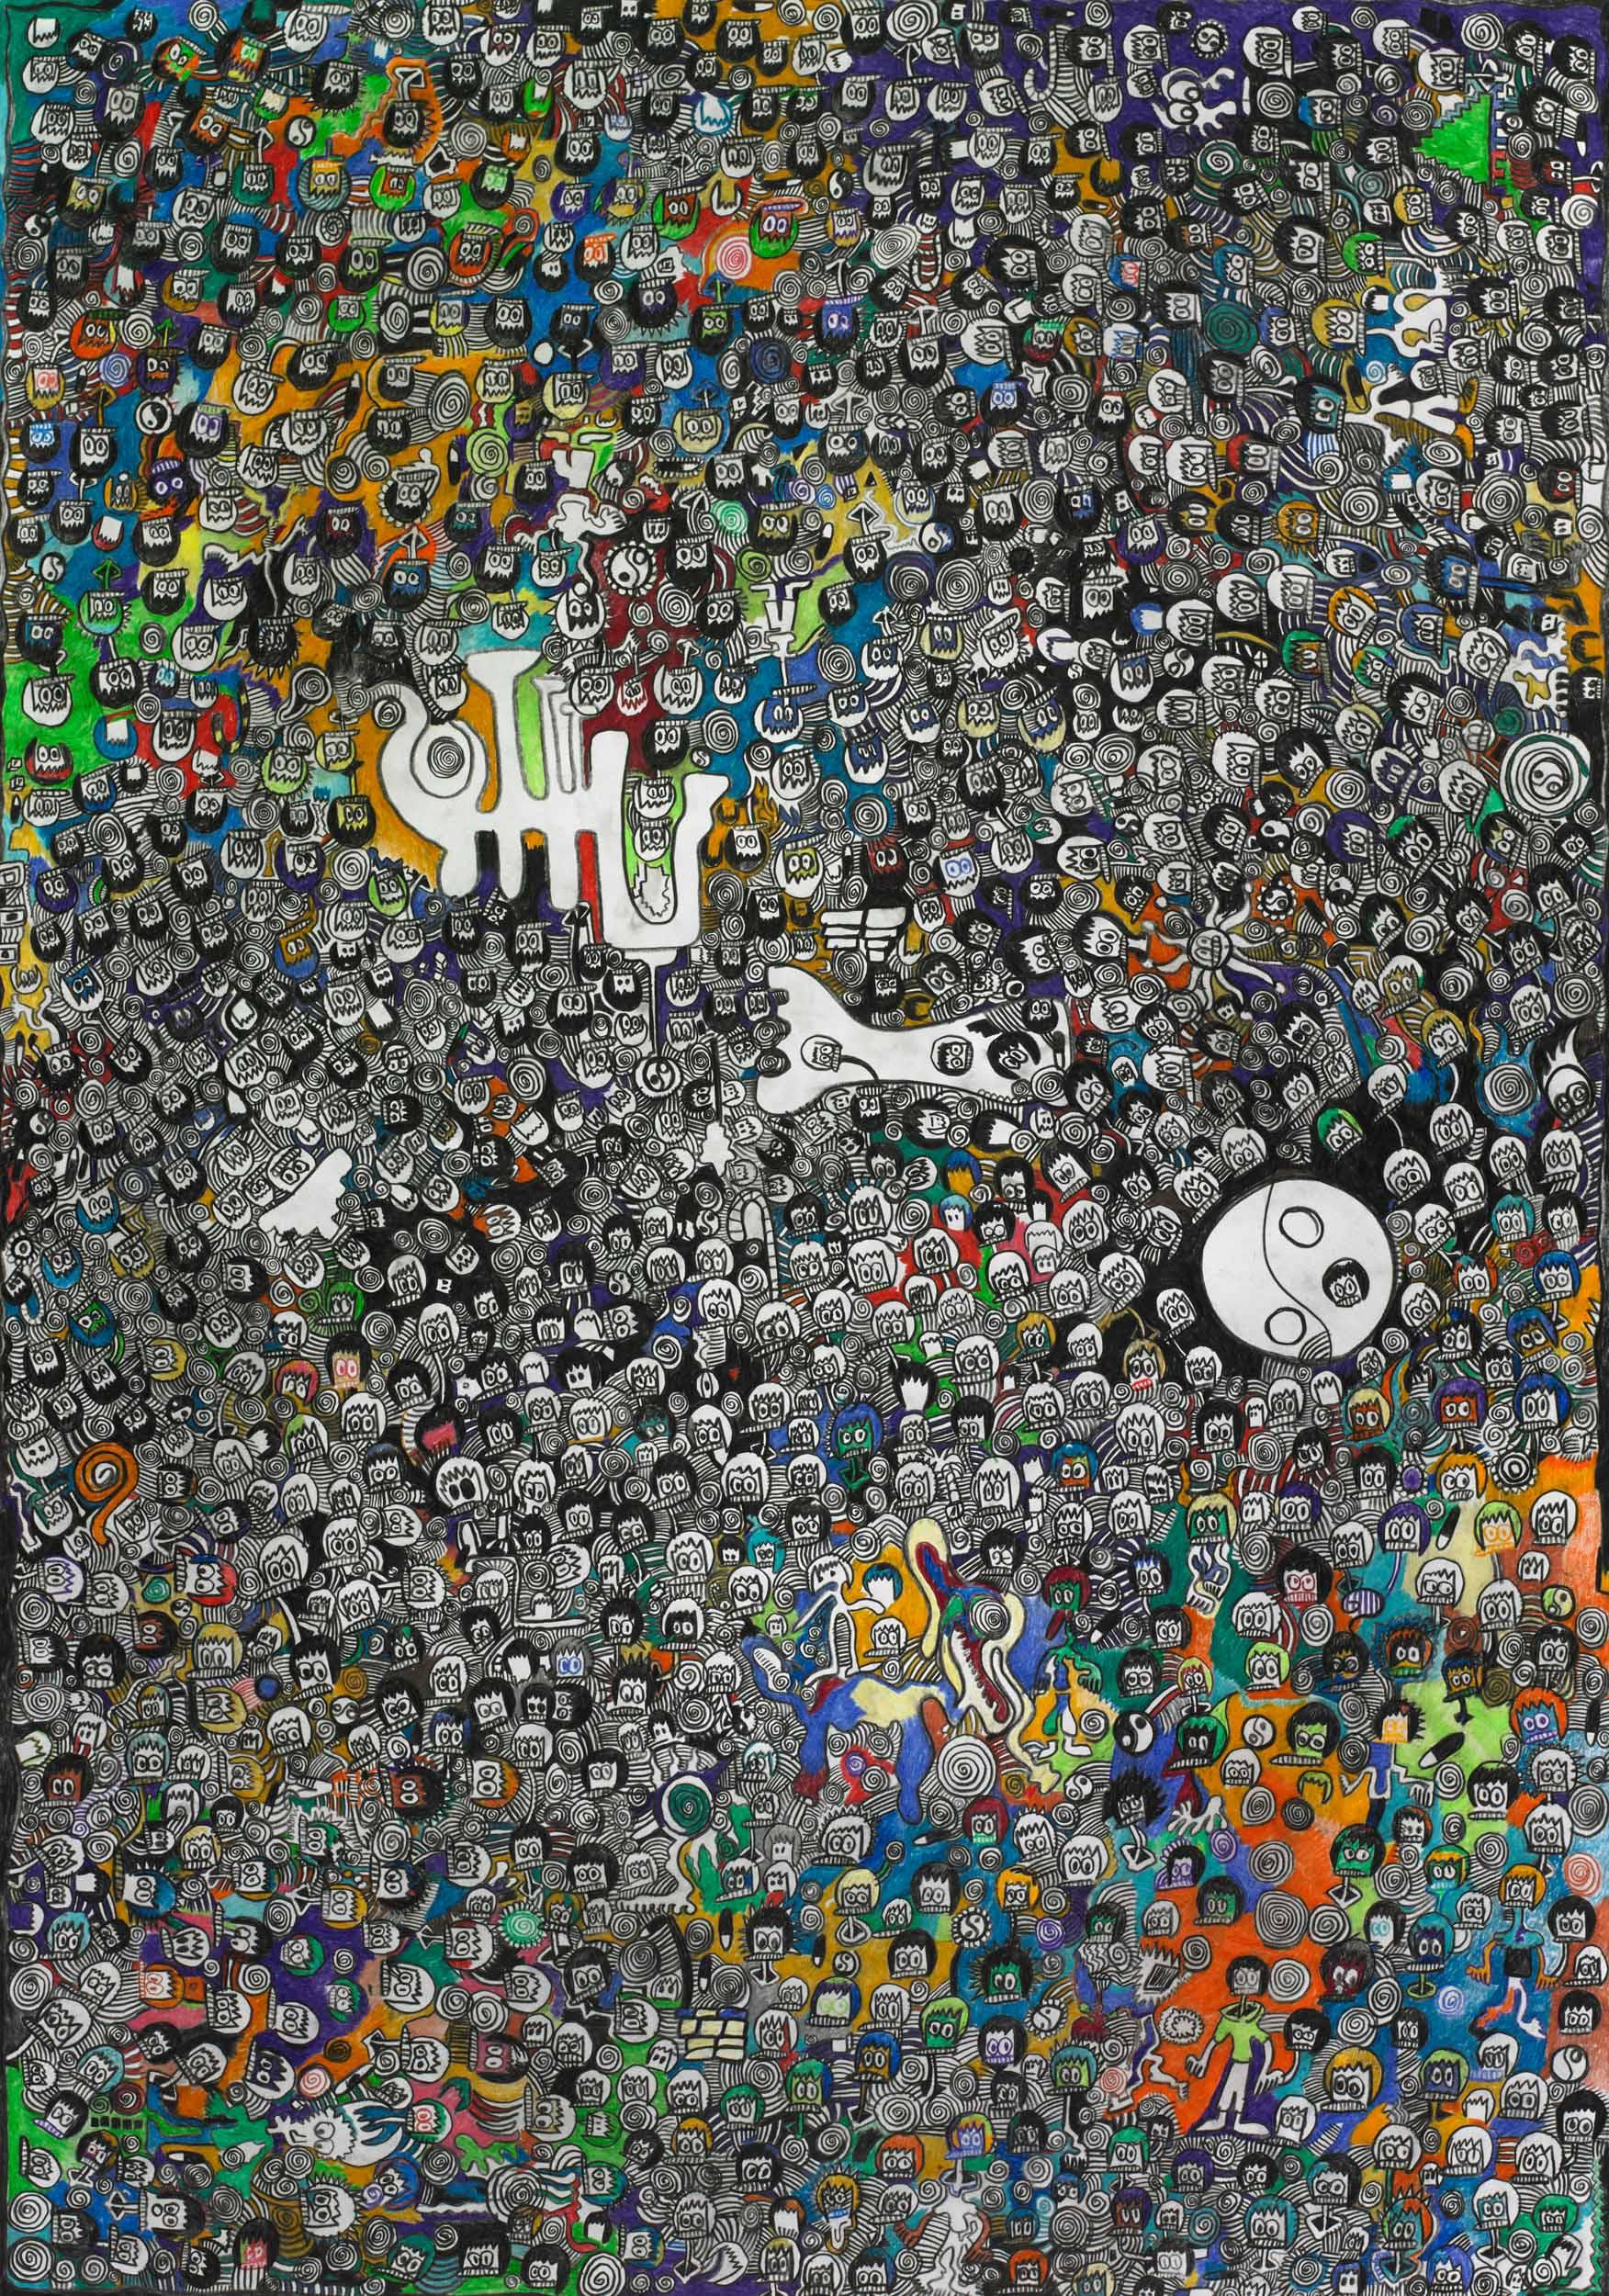 griebler manuel - Ohne Titel / Untitled